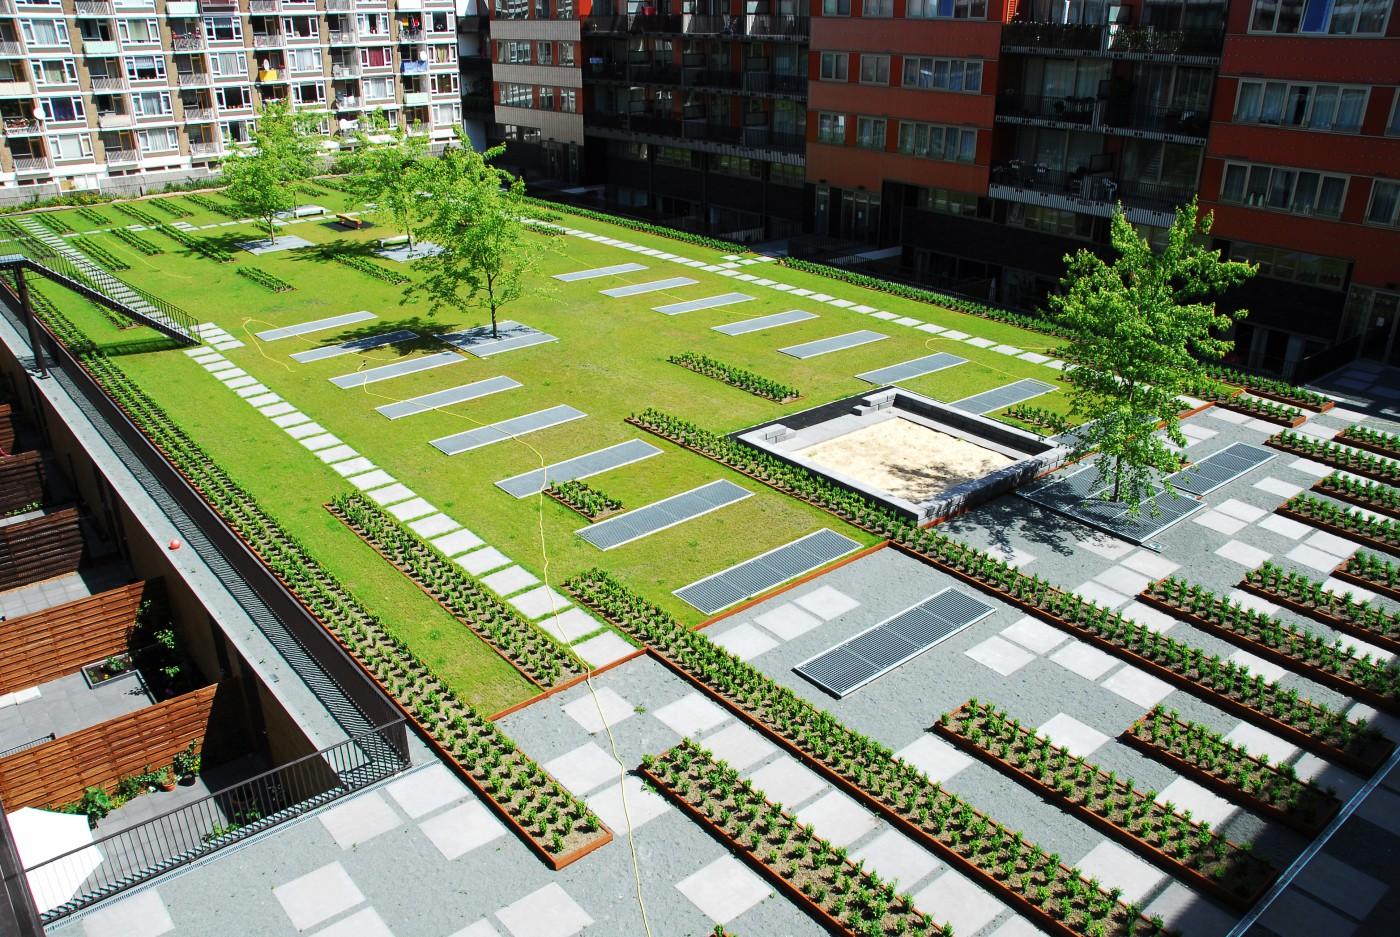 buro-sant-en-co-landschapsarchitectuur-Masira-Amsterdam-Hof-B-binnentuin-daktuin-roodgarden-rainproof-roofgarden